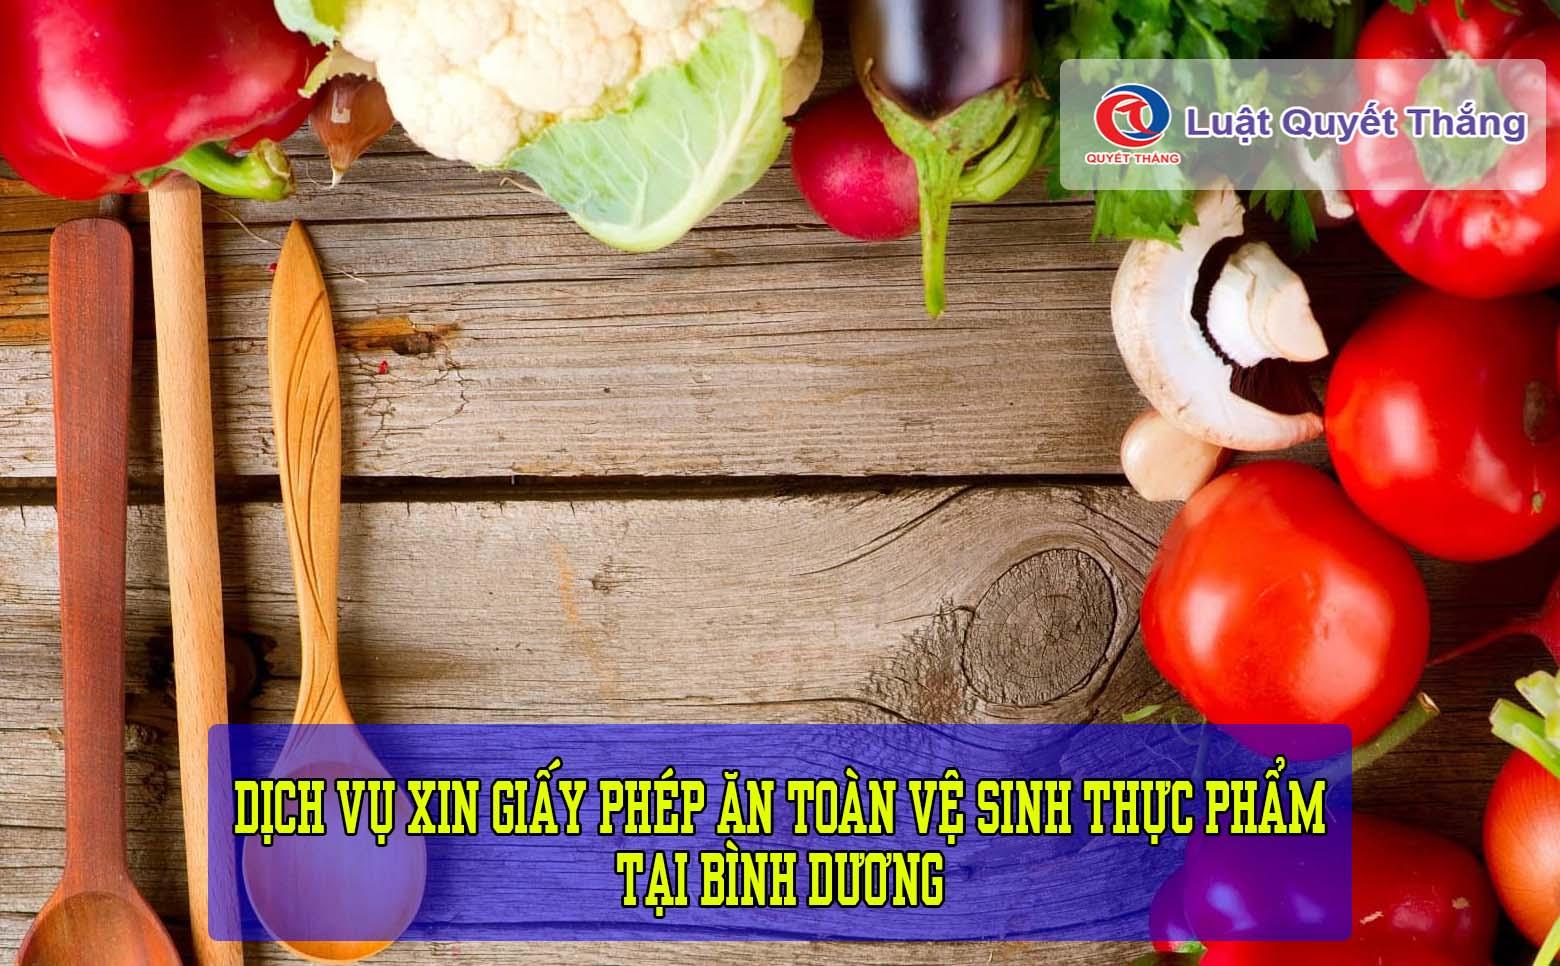 xin giấy phép an toàn vệ sinh thực phẩm